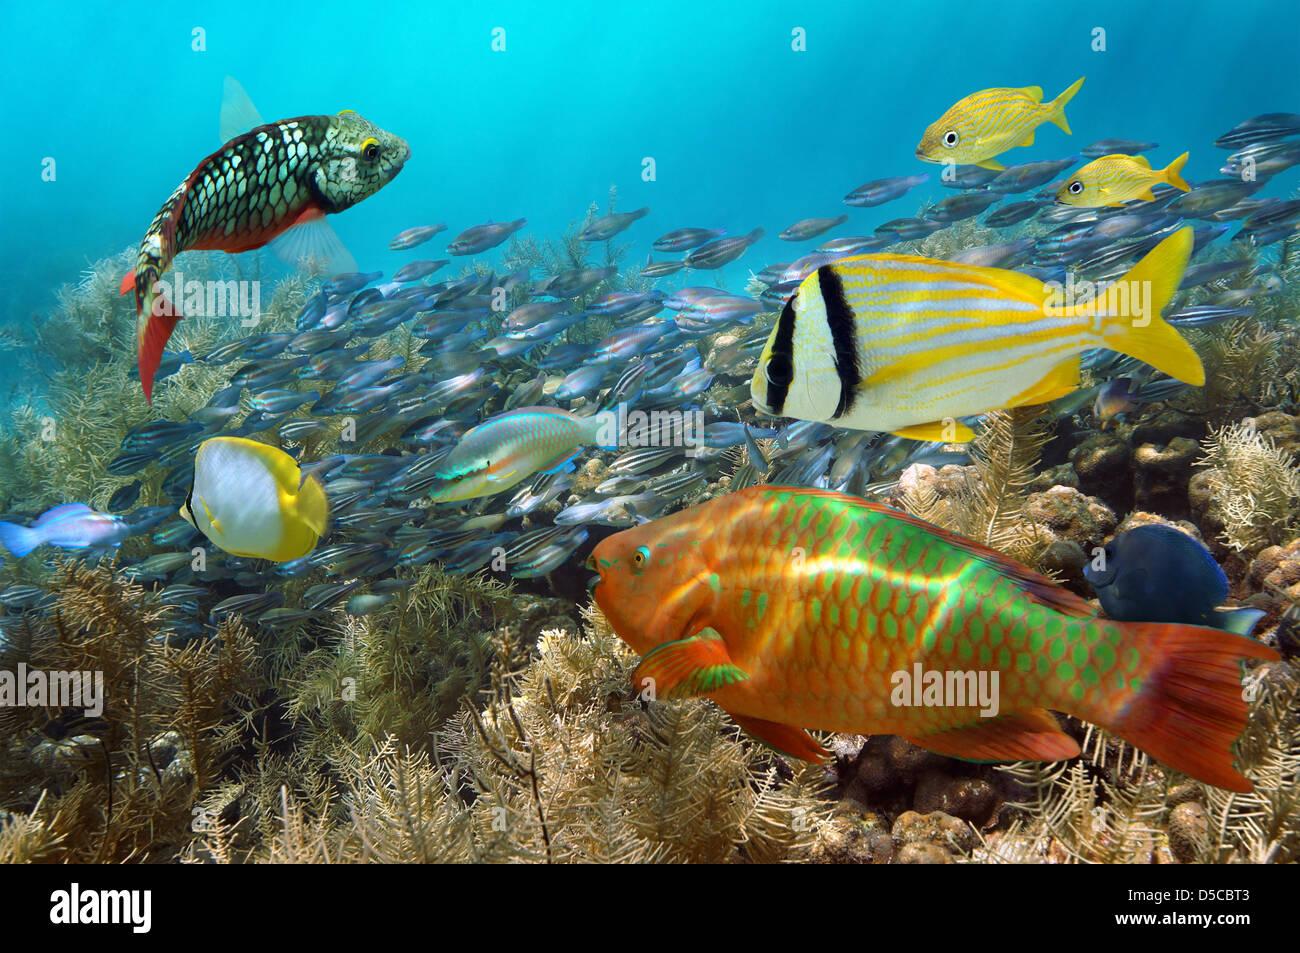 Tauchen in einem Korallenriff mit bunten Fischschwarm Stockbild